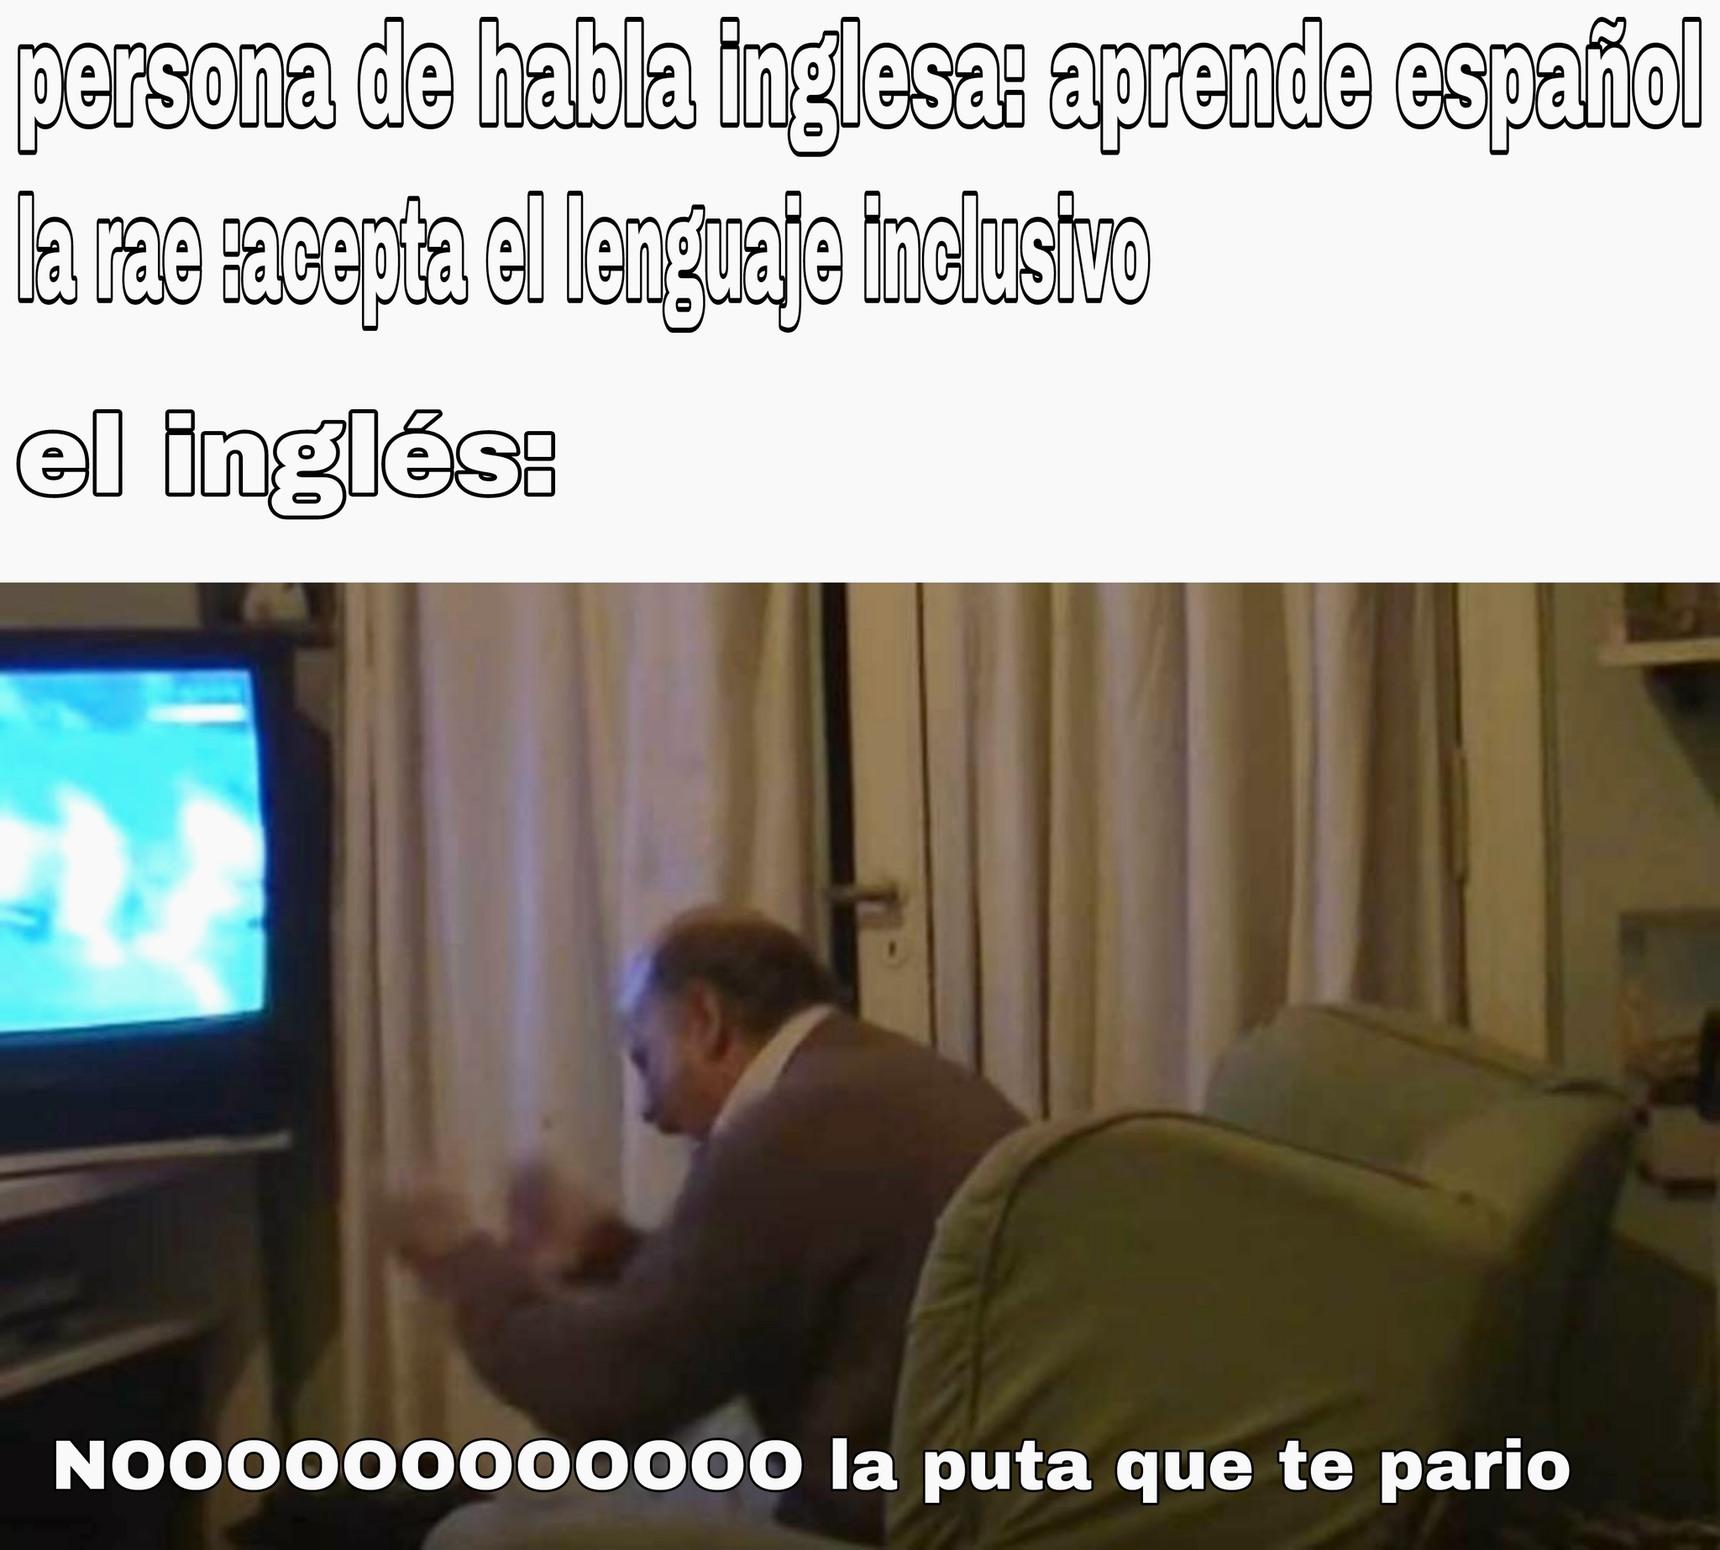 Ya es suficiente que aprendan español como para que aprendan esa mierda de lenguaje inclusivo - meme